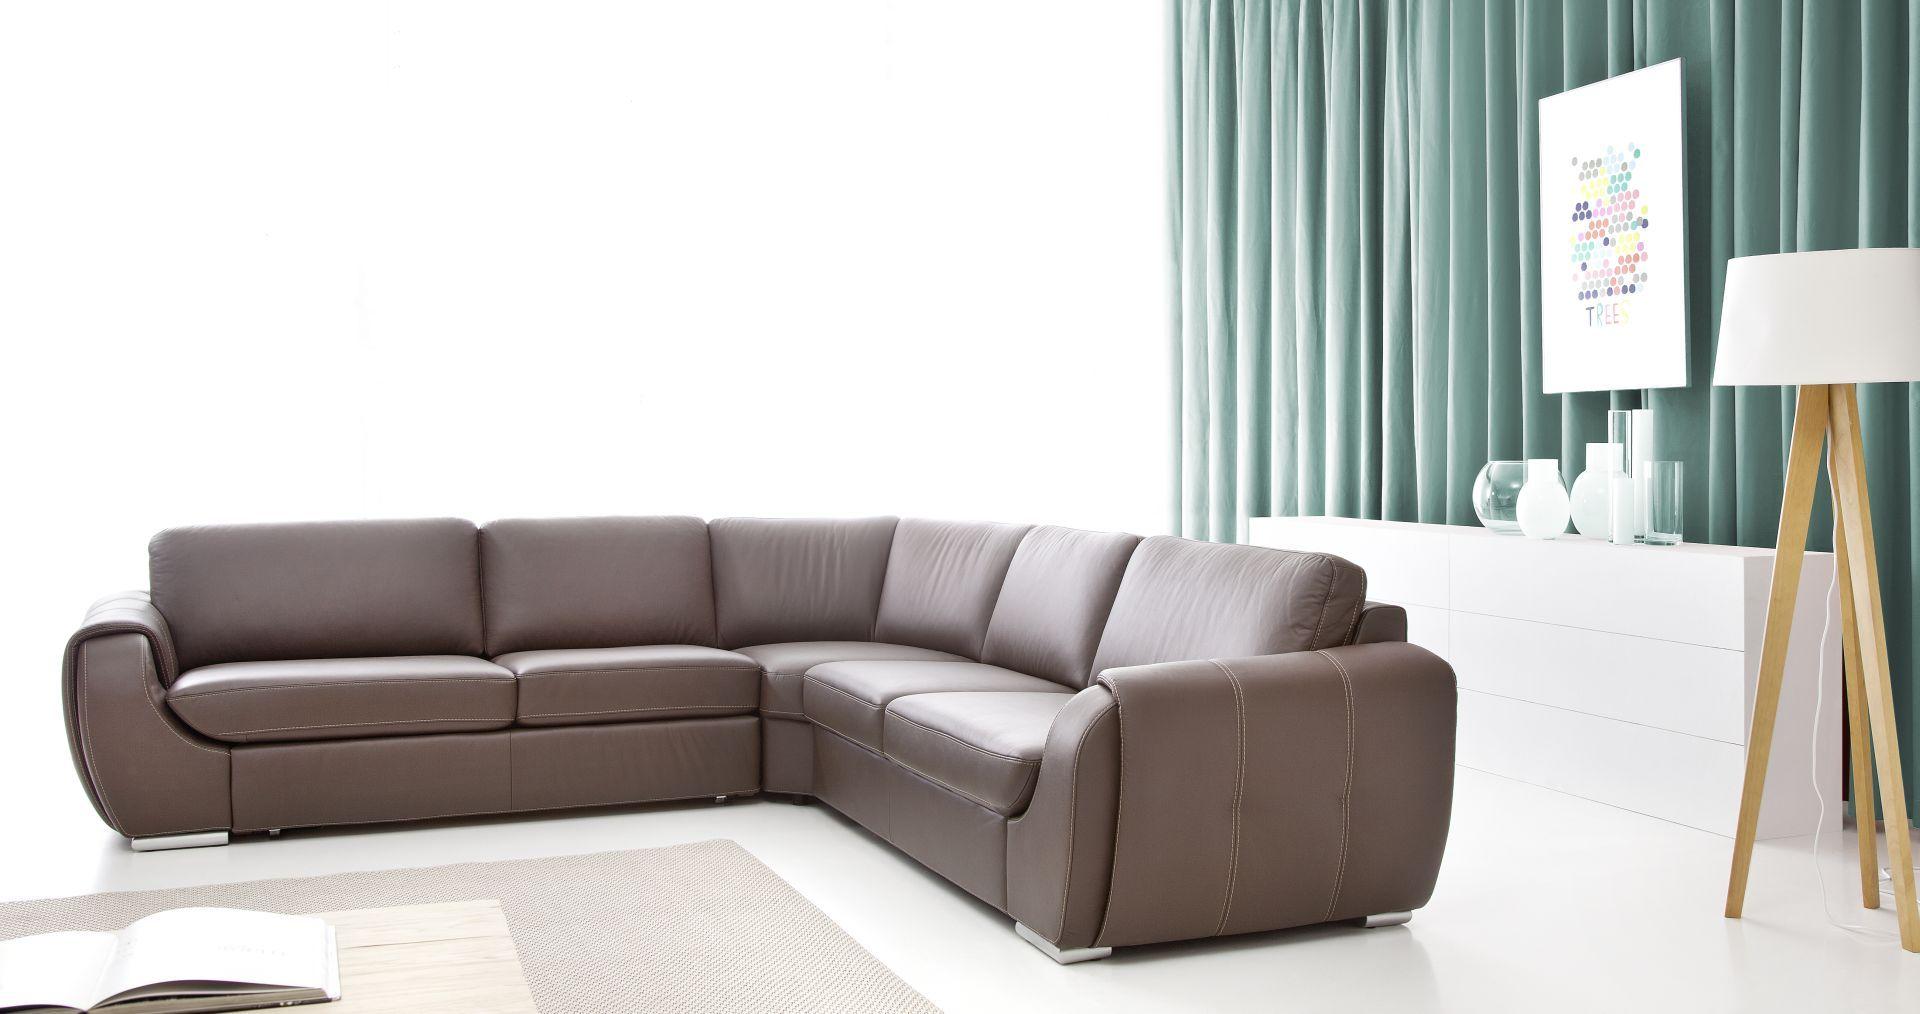 Narożnik Bold doda każdemu wnętrzu niepowtarzalnego szyku oraz zapewni dużo wygody. Długie i szerokie siedzisko zapewnia mnóstwo miejsca do siedzenia. Fot. Etap Sofa